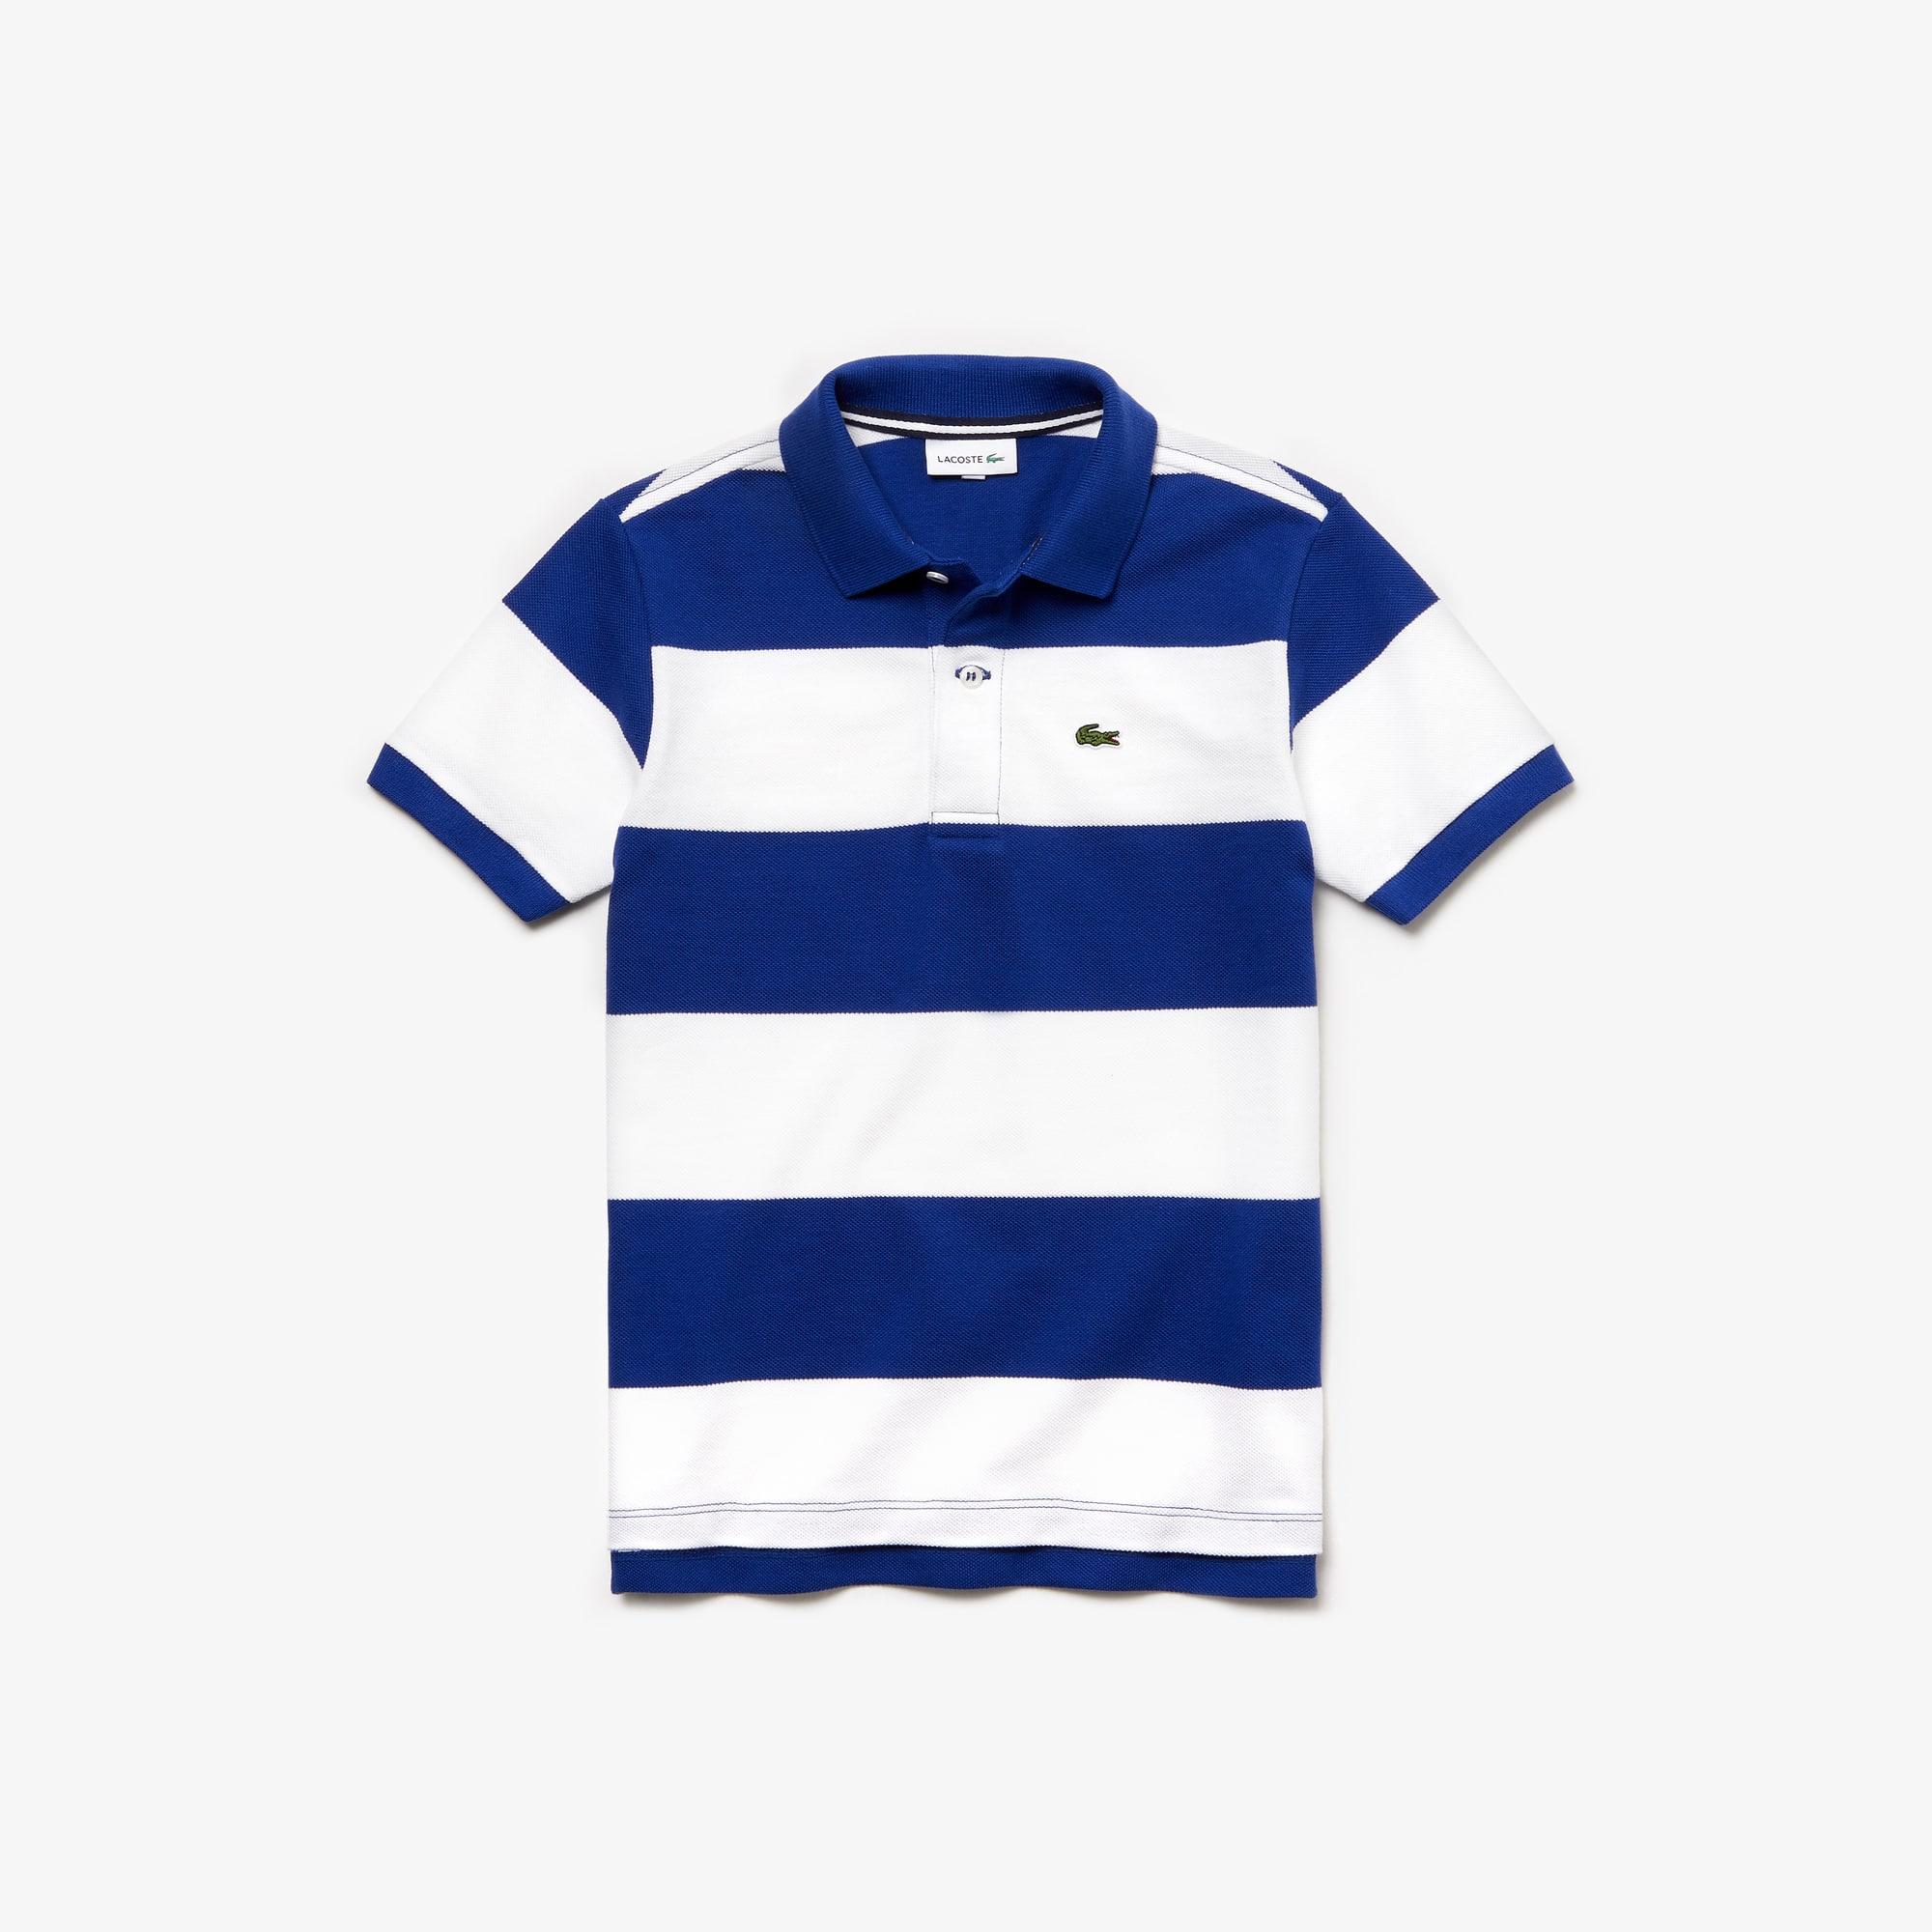 kup sprzedaż dobra jakość wyprzedaż w sklepie wyprzedażowym Boys' Lacoste Striped Cotton Petit Piqué Polo Shirt